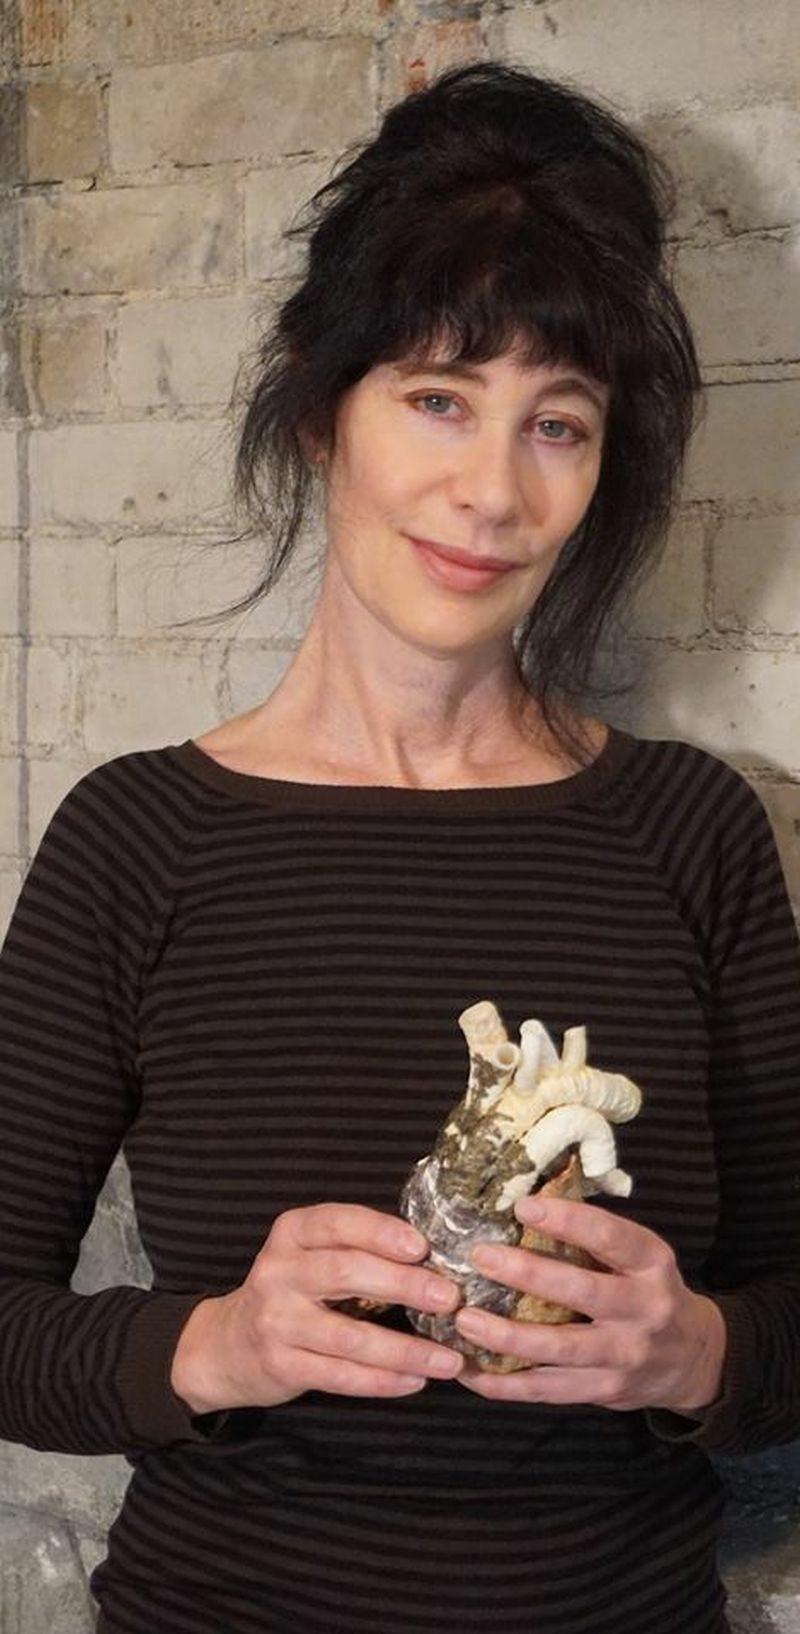 Gillian Genser